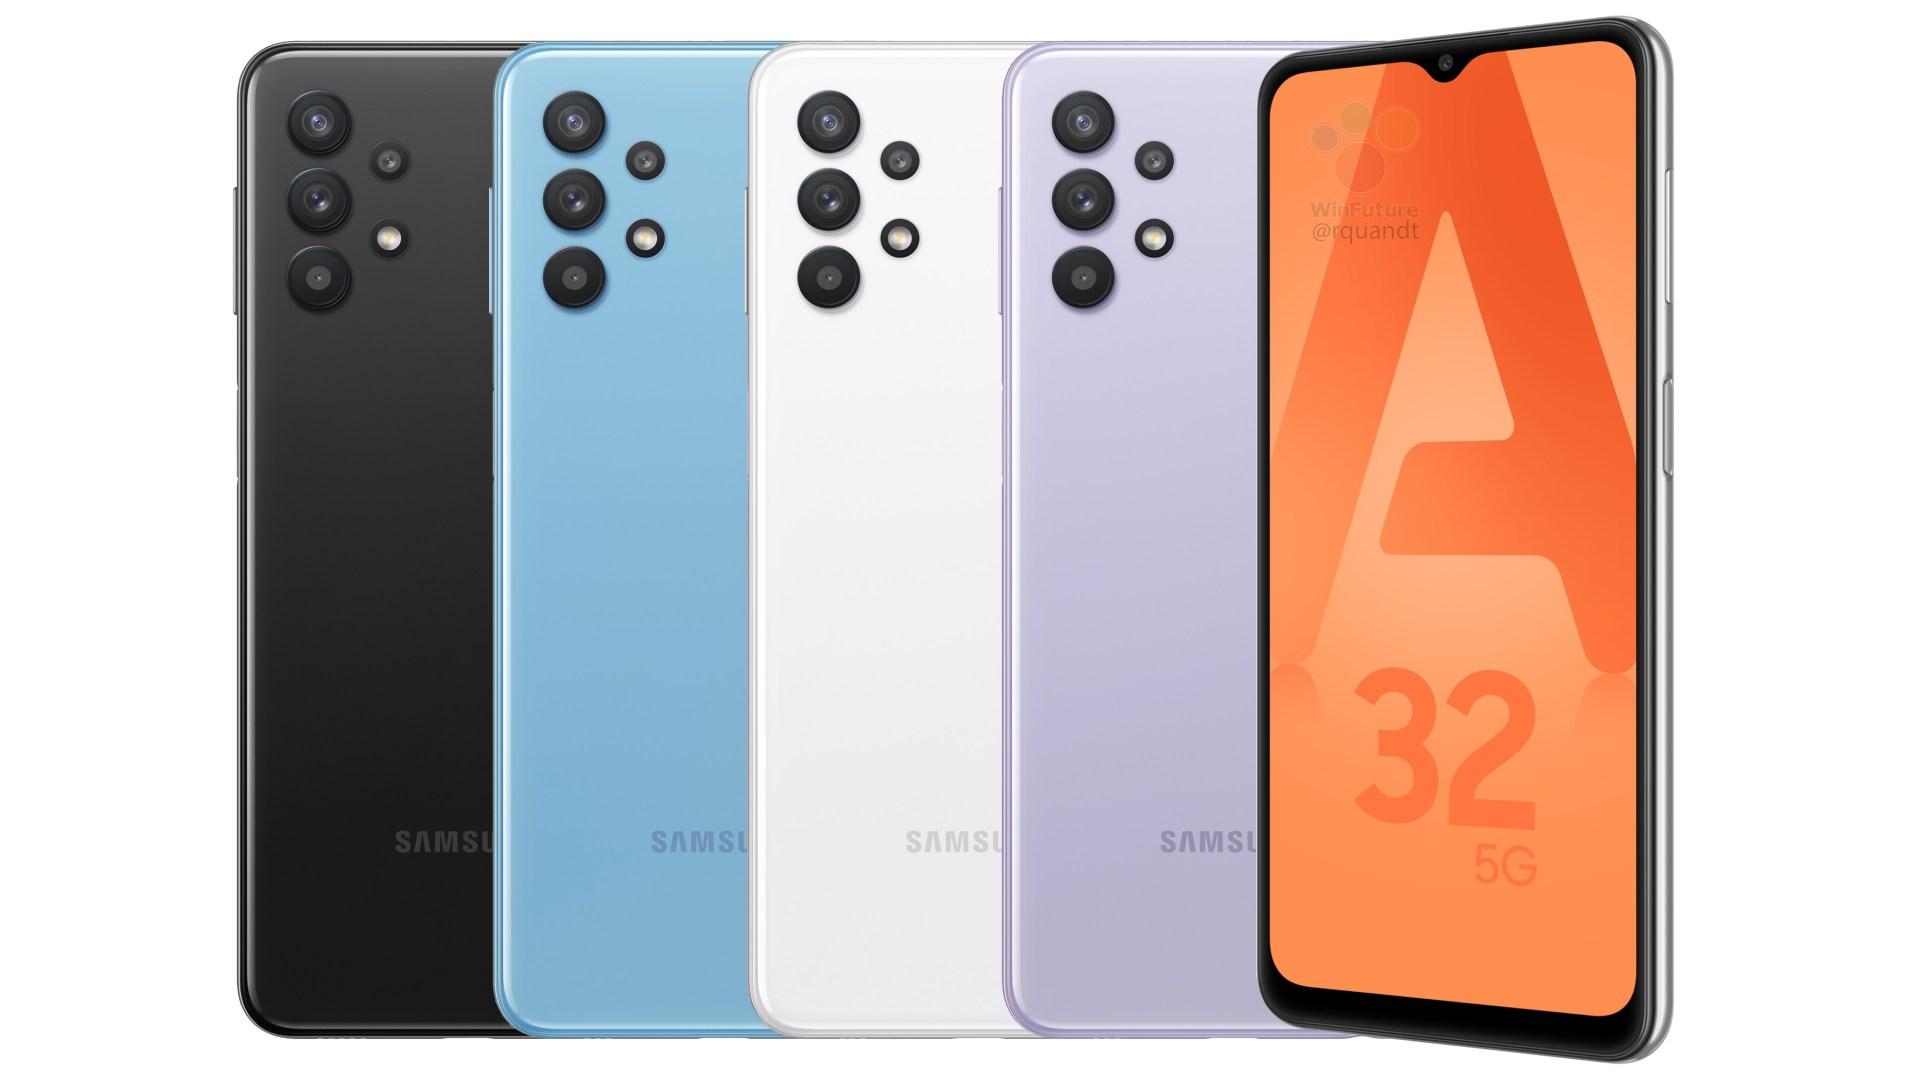 Smartphone, Samsung, Leak, Galaxy, 5G, Samsung Galaxy A32, Samsung Galaxy A32 5G